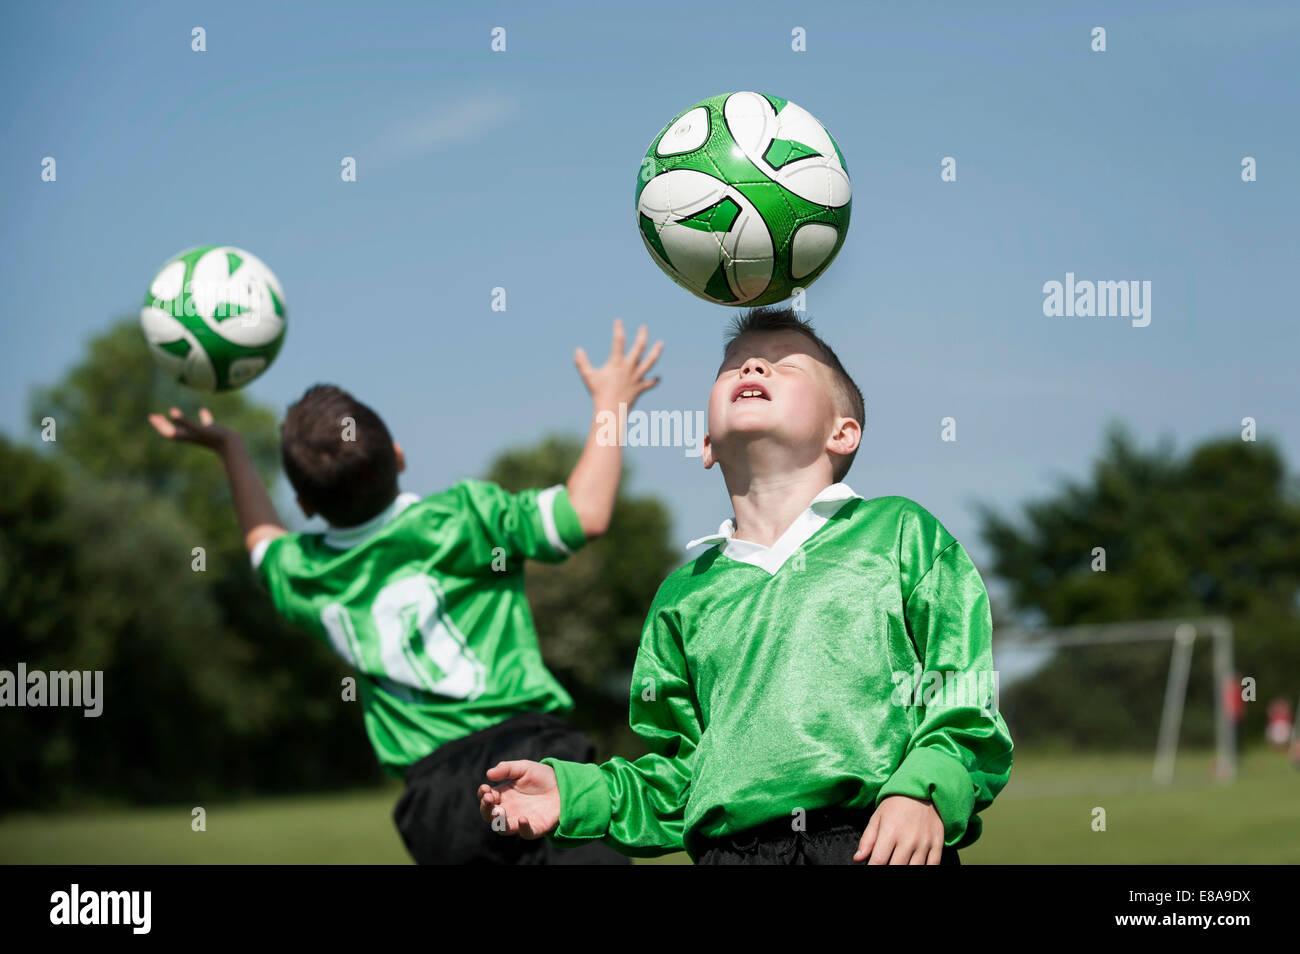 Deux jeunes joueurs de football de l'apprentissage contrôle de balle Photo Stock